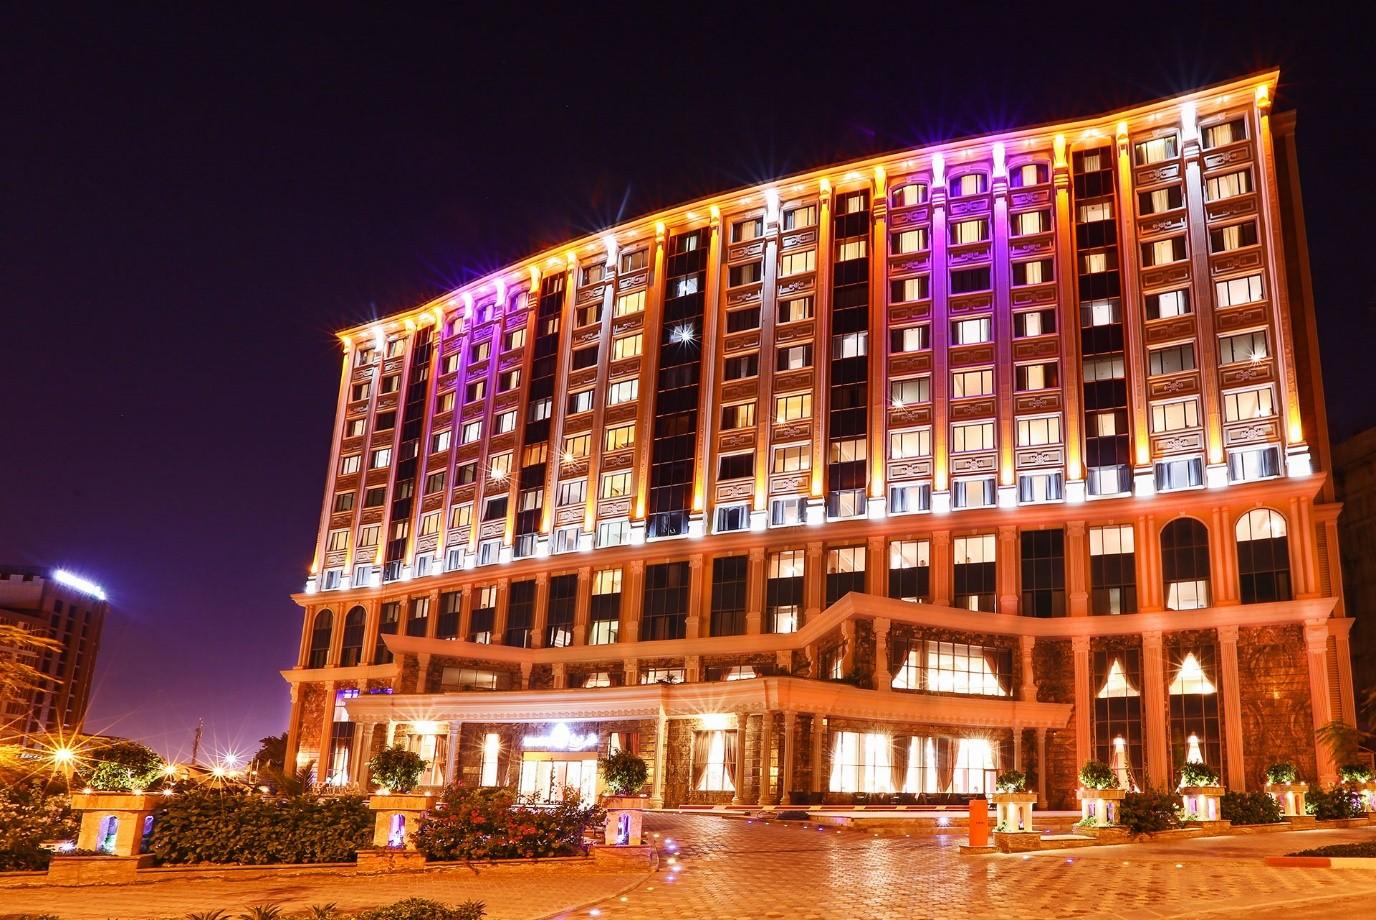 هتل های 5 ستاره کیش